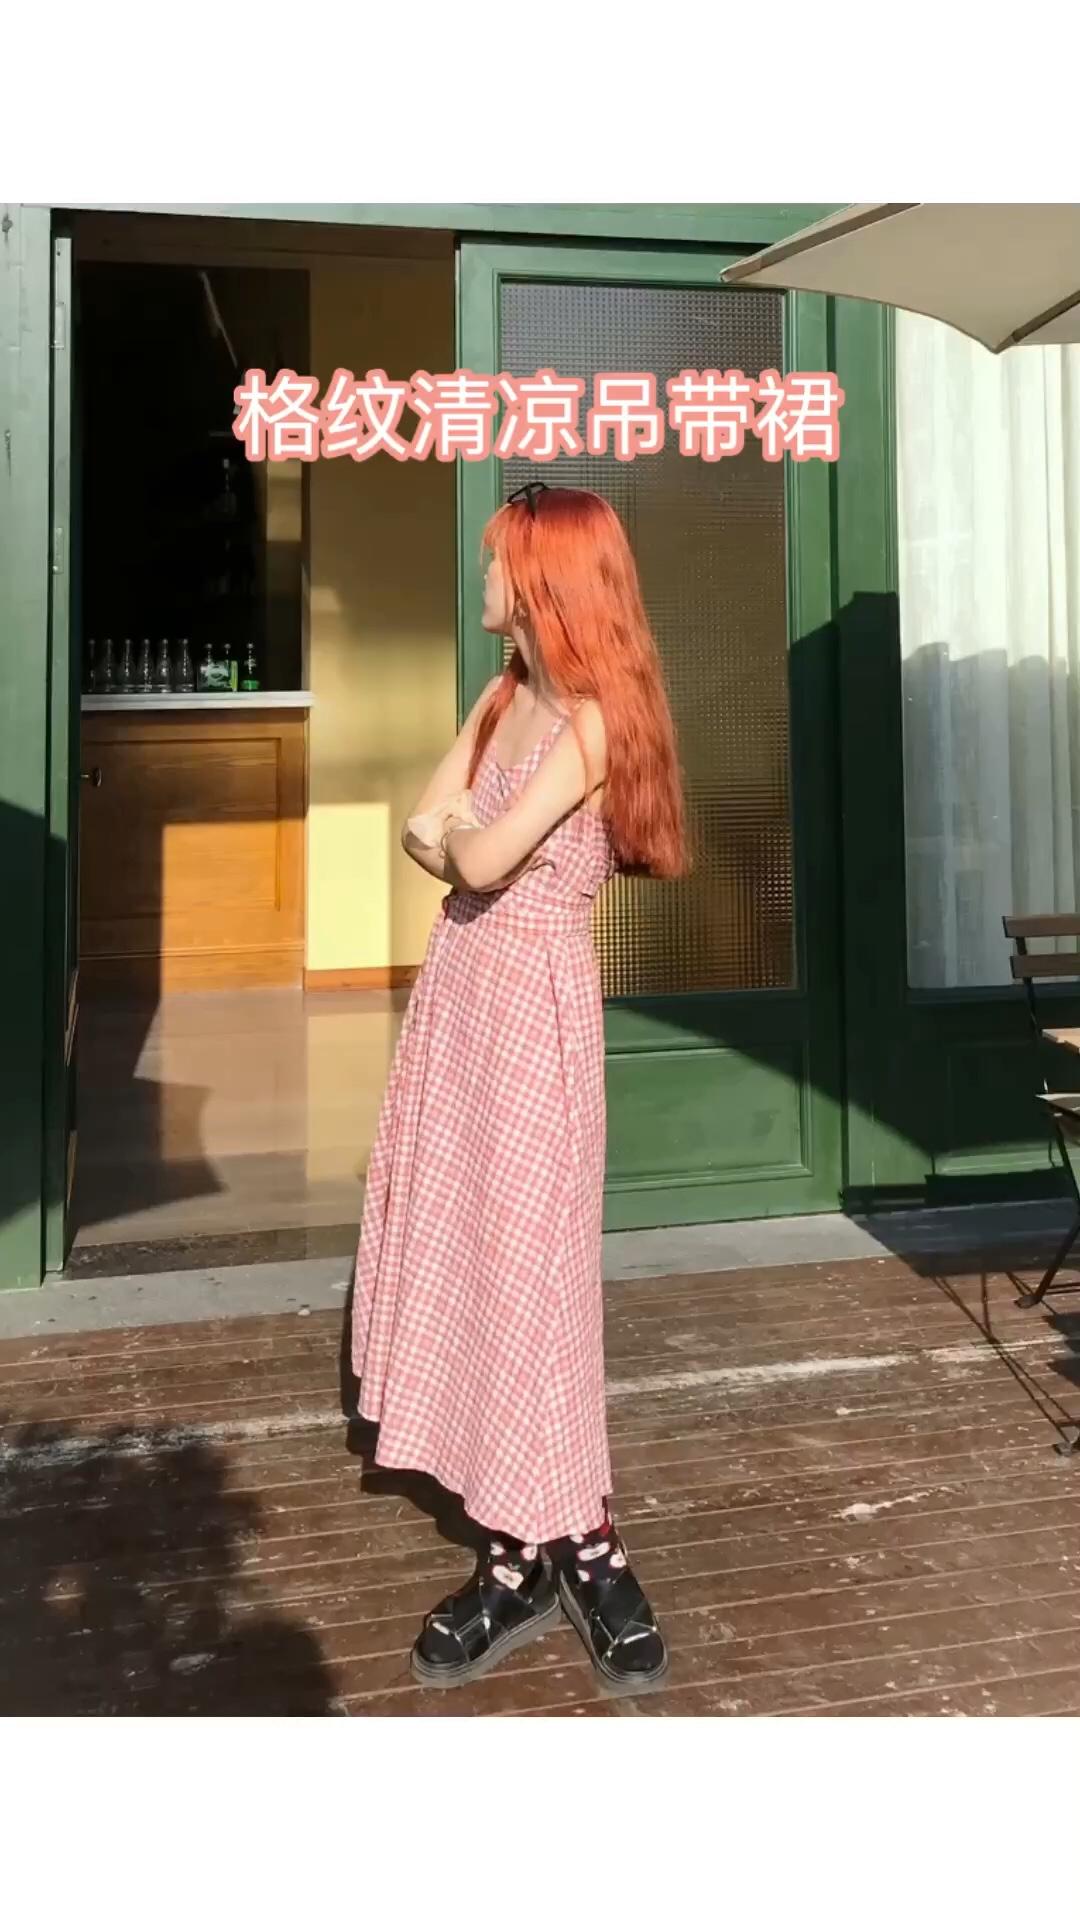 #让你变甜甜甜的仙女裙look# 这条粉色小格纹吊带裙,真的太适合炎热的夏天啦! 面料很舒服,透气,夏天穿凉快! 粉色的,就是甜甜的感觉呀! 加上格纹款,真的炒鸡好看! 长裙对身材的包容性很强,小姐姐们都可以尝试的! 裙子有腰带,可以自己随便绑起来, 这样更显瘦!搭配韩系的凉鞋➕袜子 整个韩系的感觉就出来了! 甜甜的小裙子我准备好了!你呢?